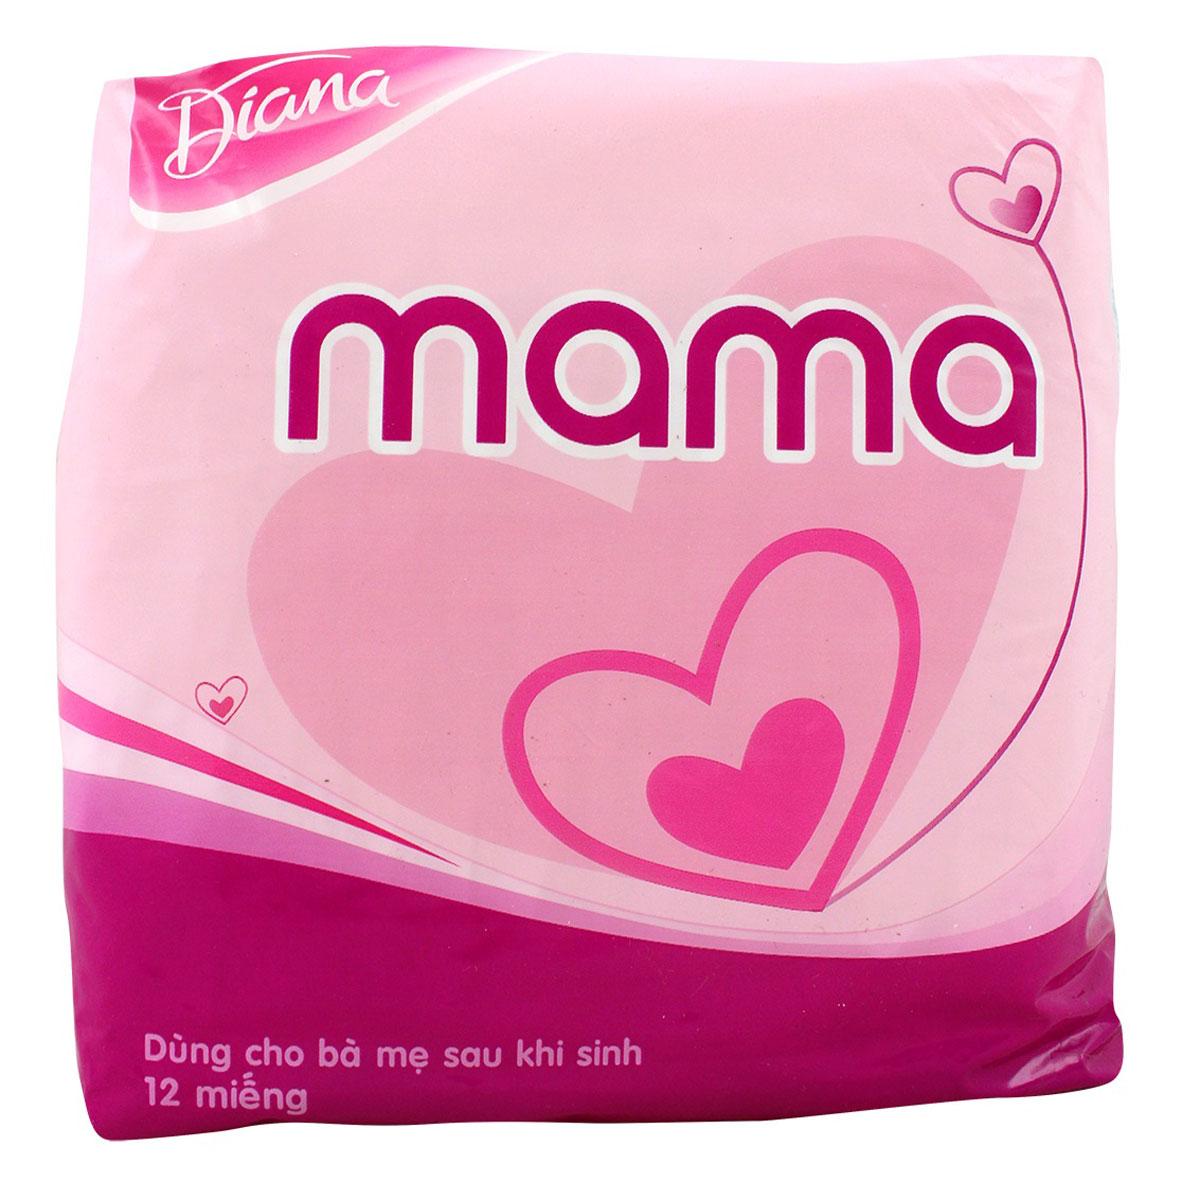 Băng Vệ Sinh Diana Mama 12m Cho Mẹ Sau Sinh